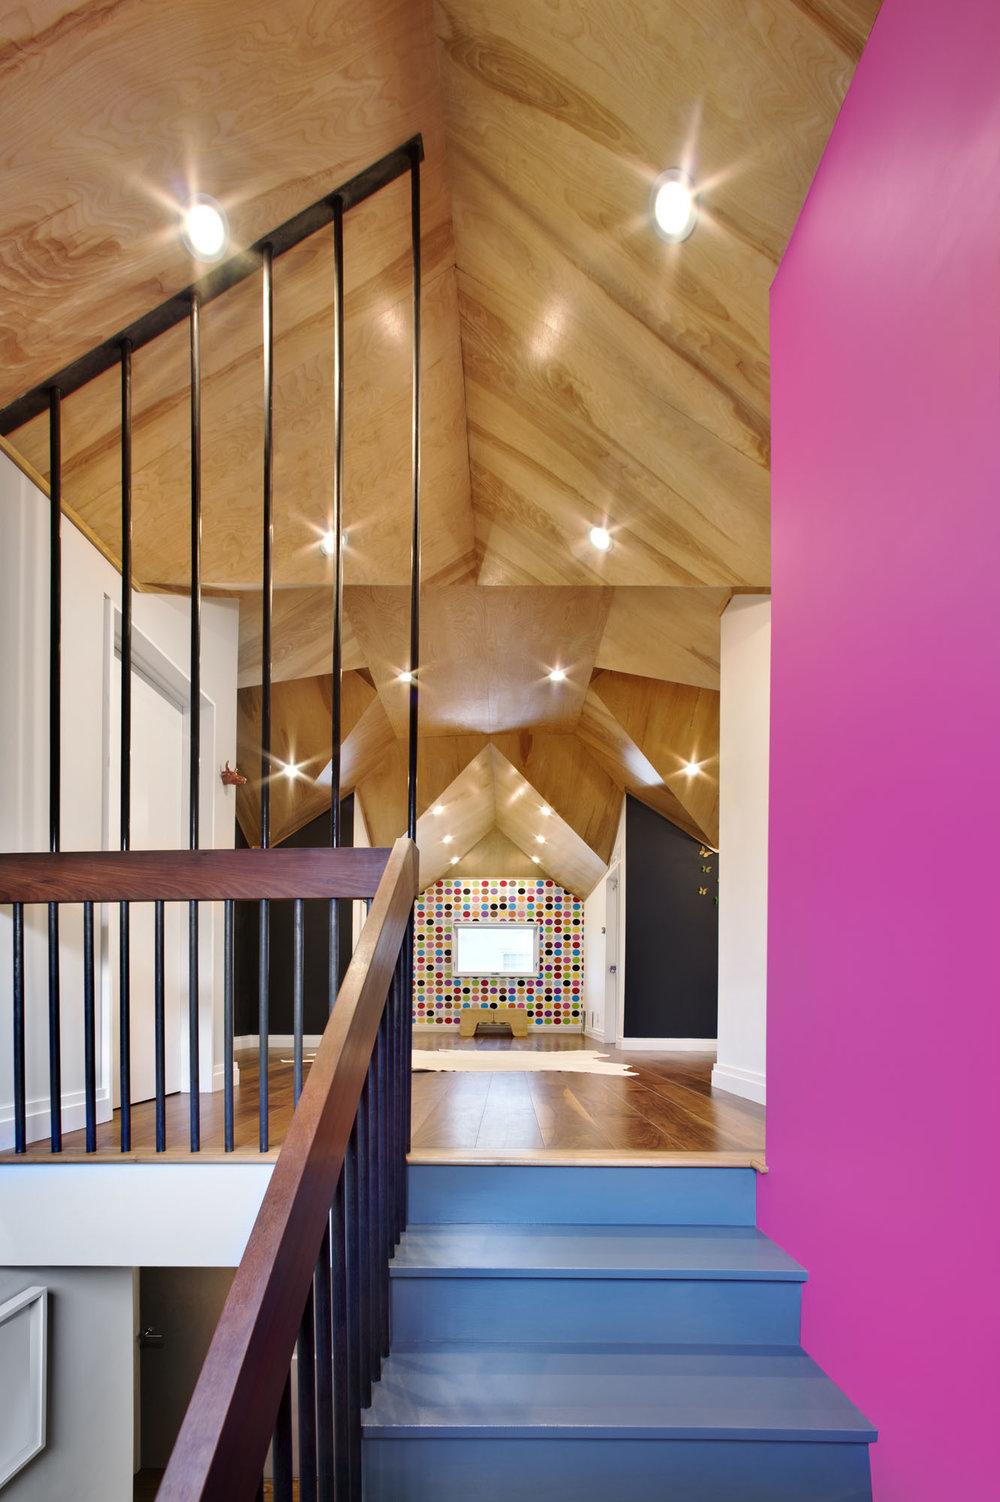 © Rodriguez Studio Architecture PC